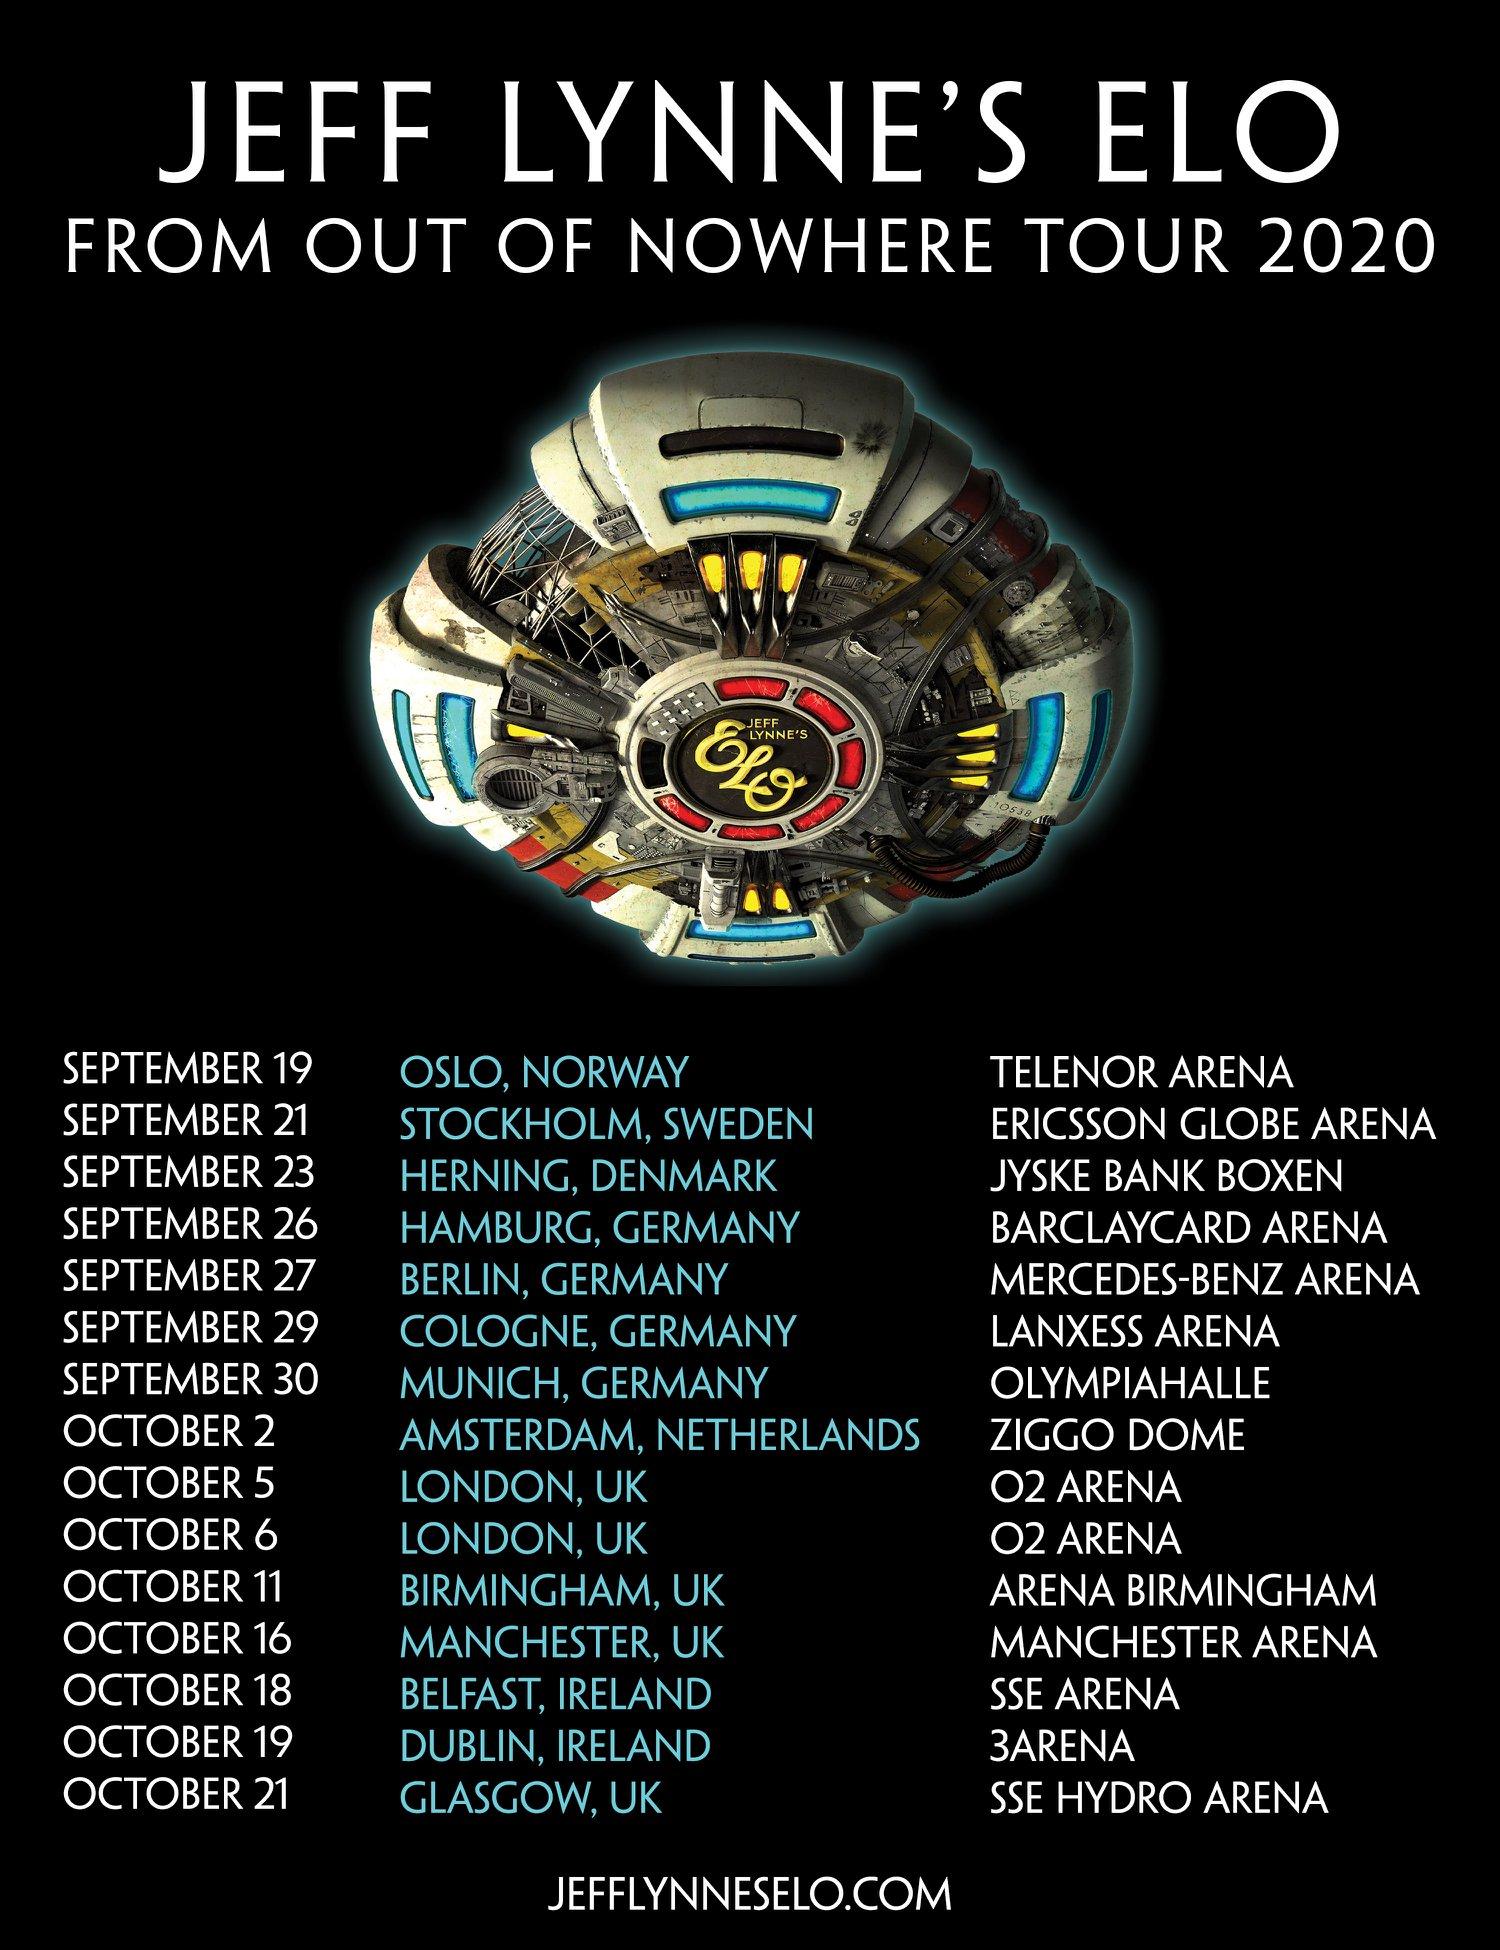 The Beatles Polska: Jeff Lynne i Dhani Harrison wyruszają w trasę koncertową po Europie